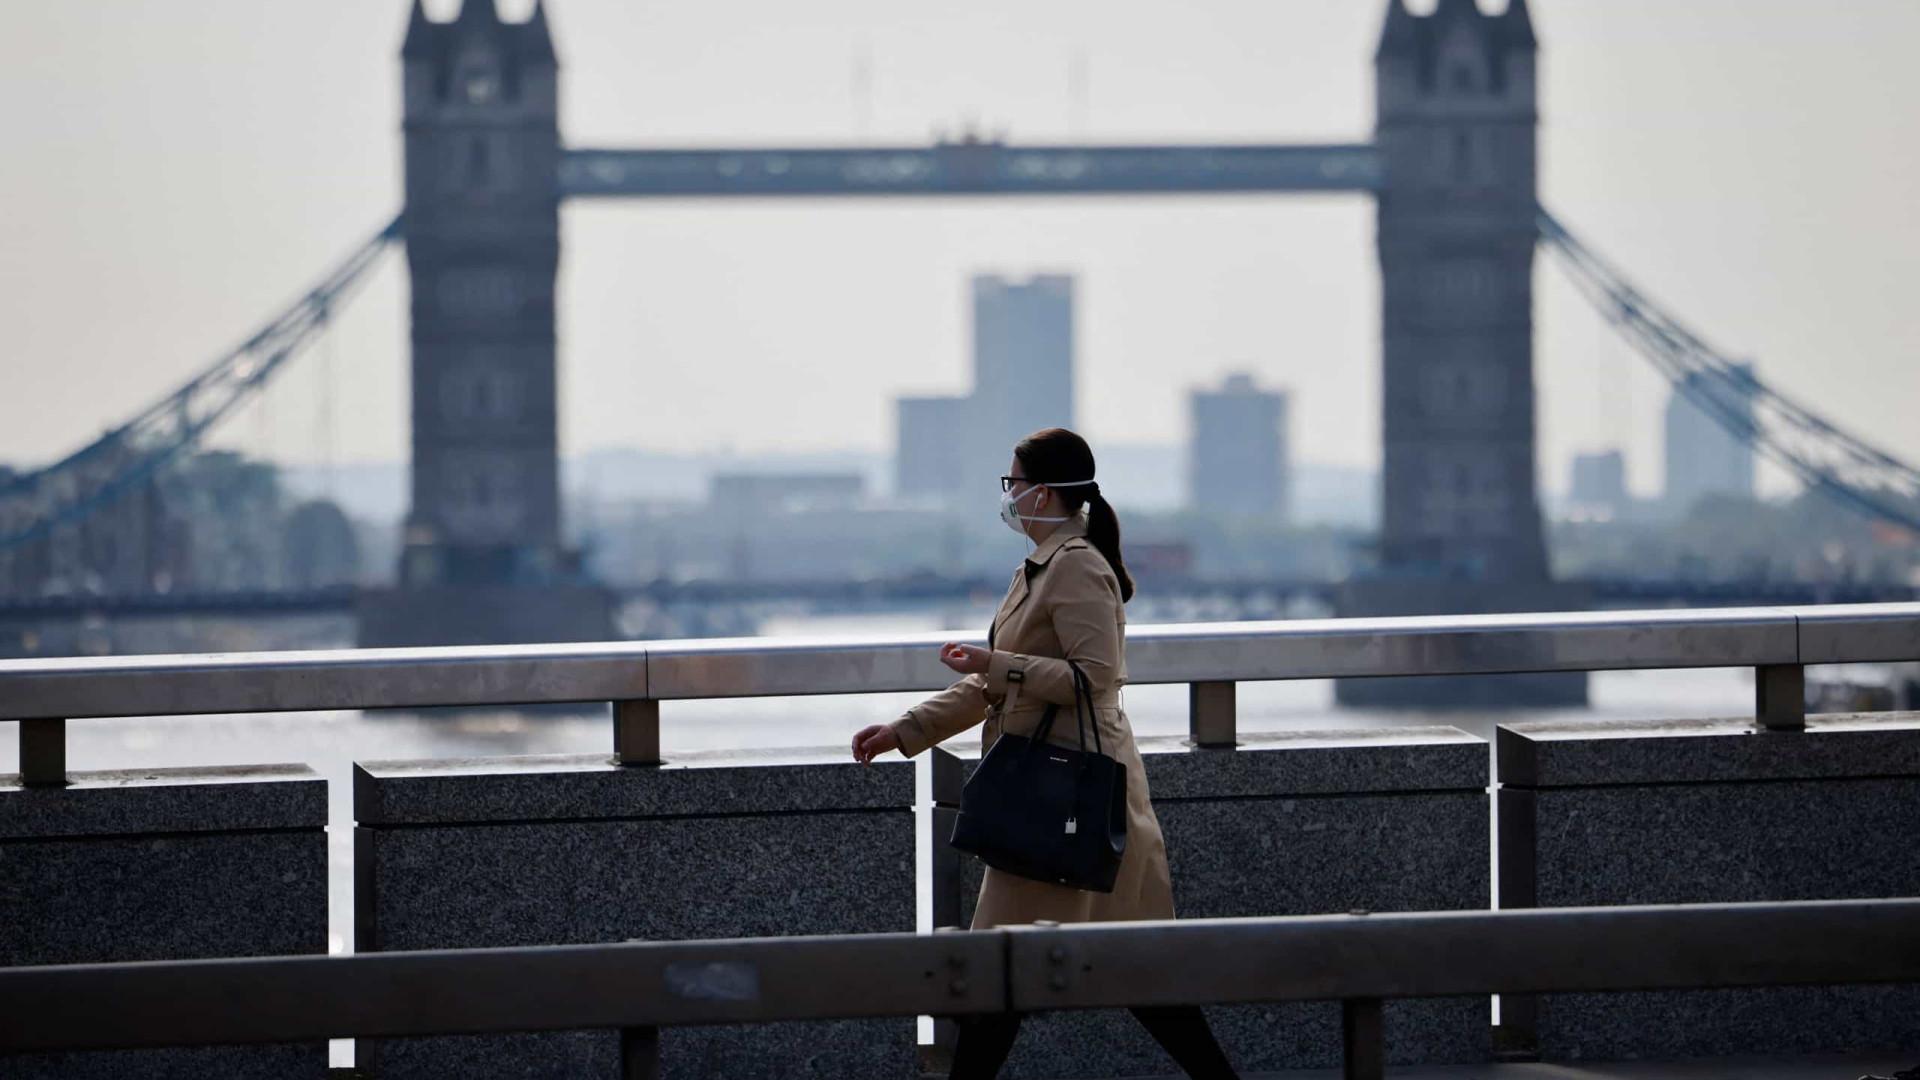 Reino Unido com quase 40 mil novos casos de Covid-19